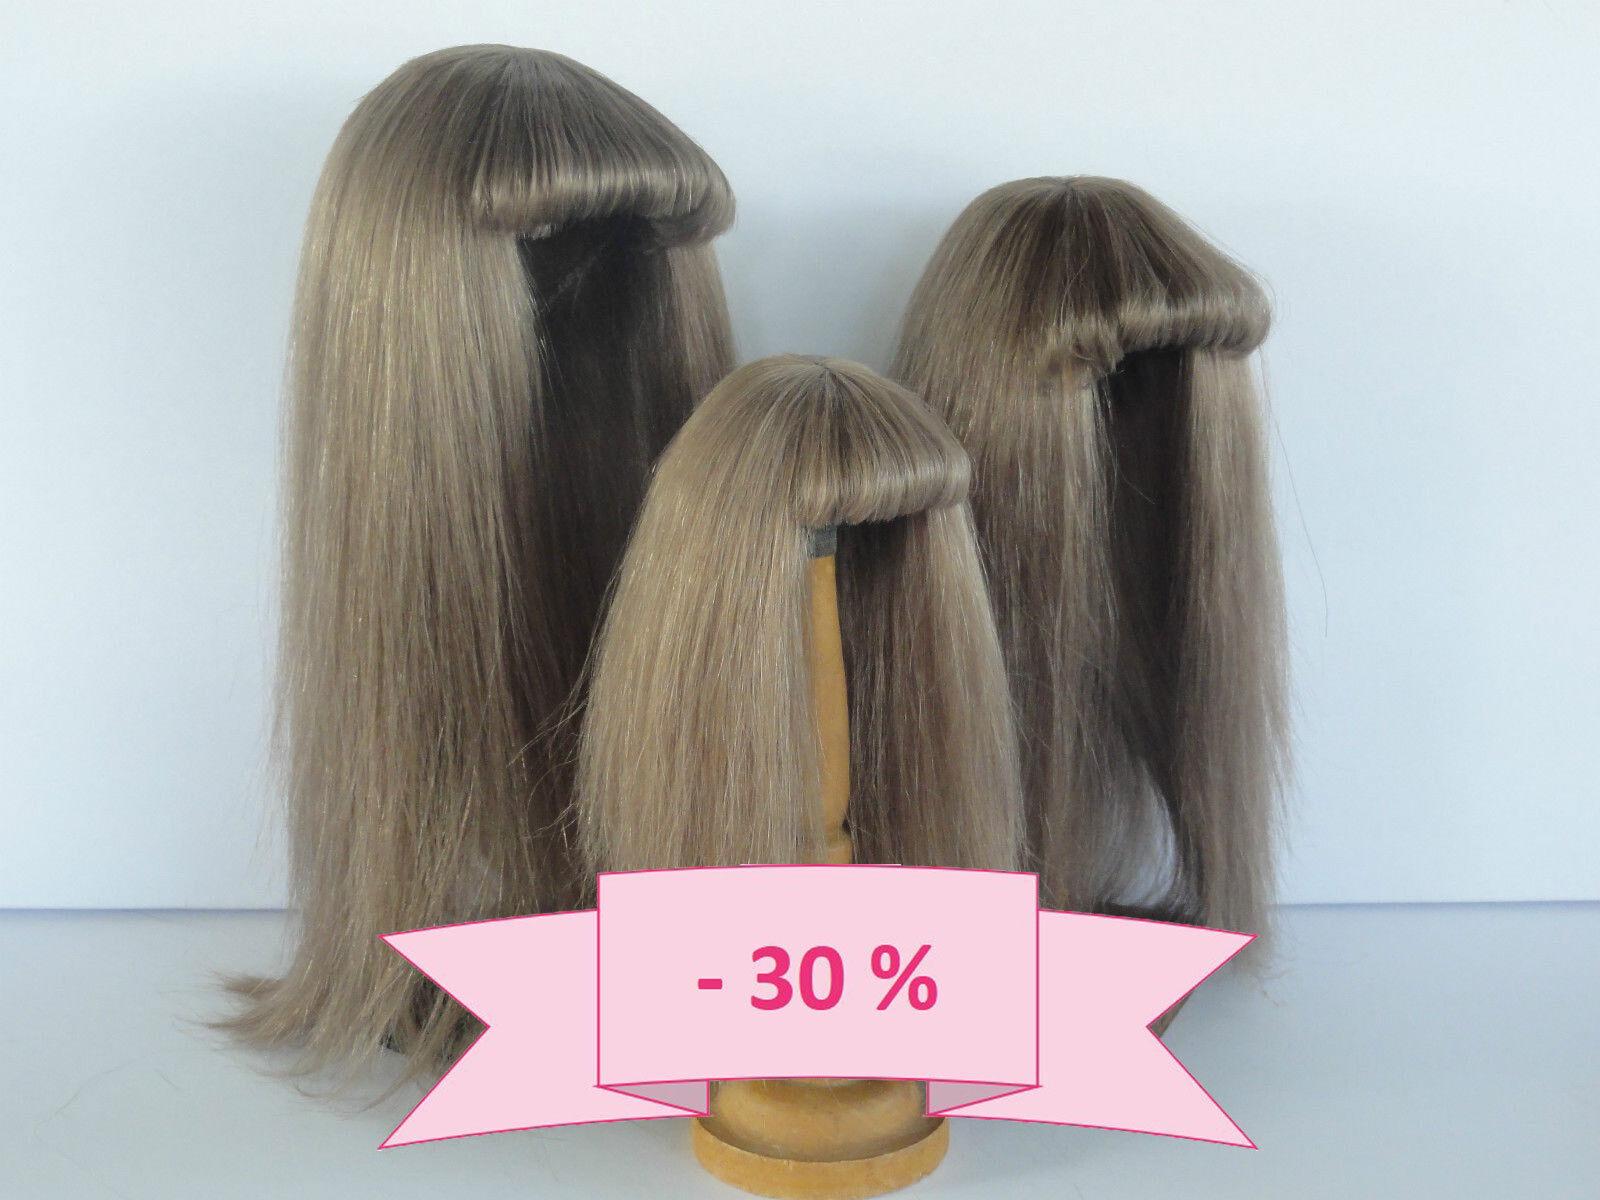 30% Promo - Perücke für Puppe T8 (31.5cm) 100% Haare Natürlich - G.Bravot